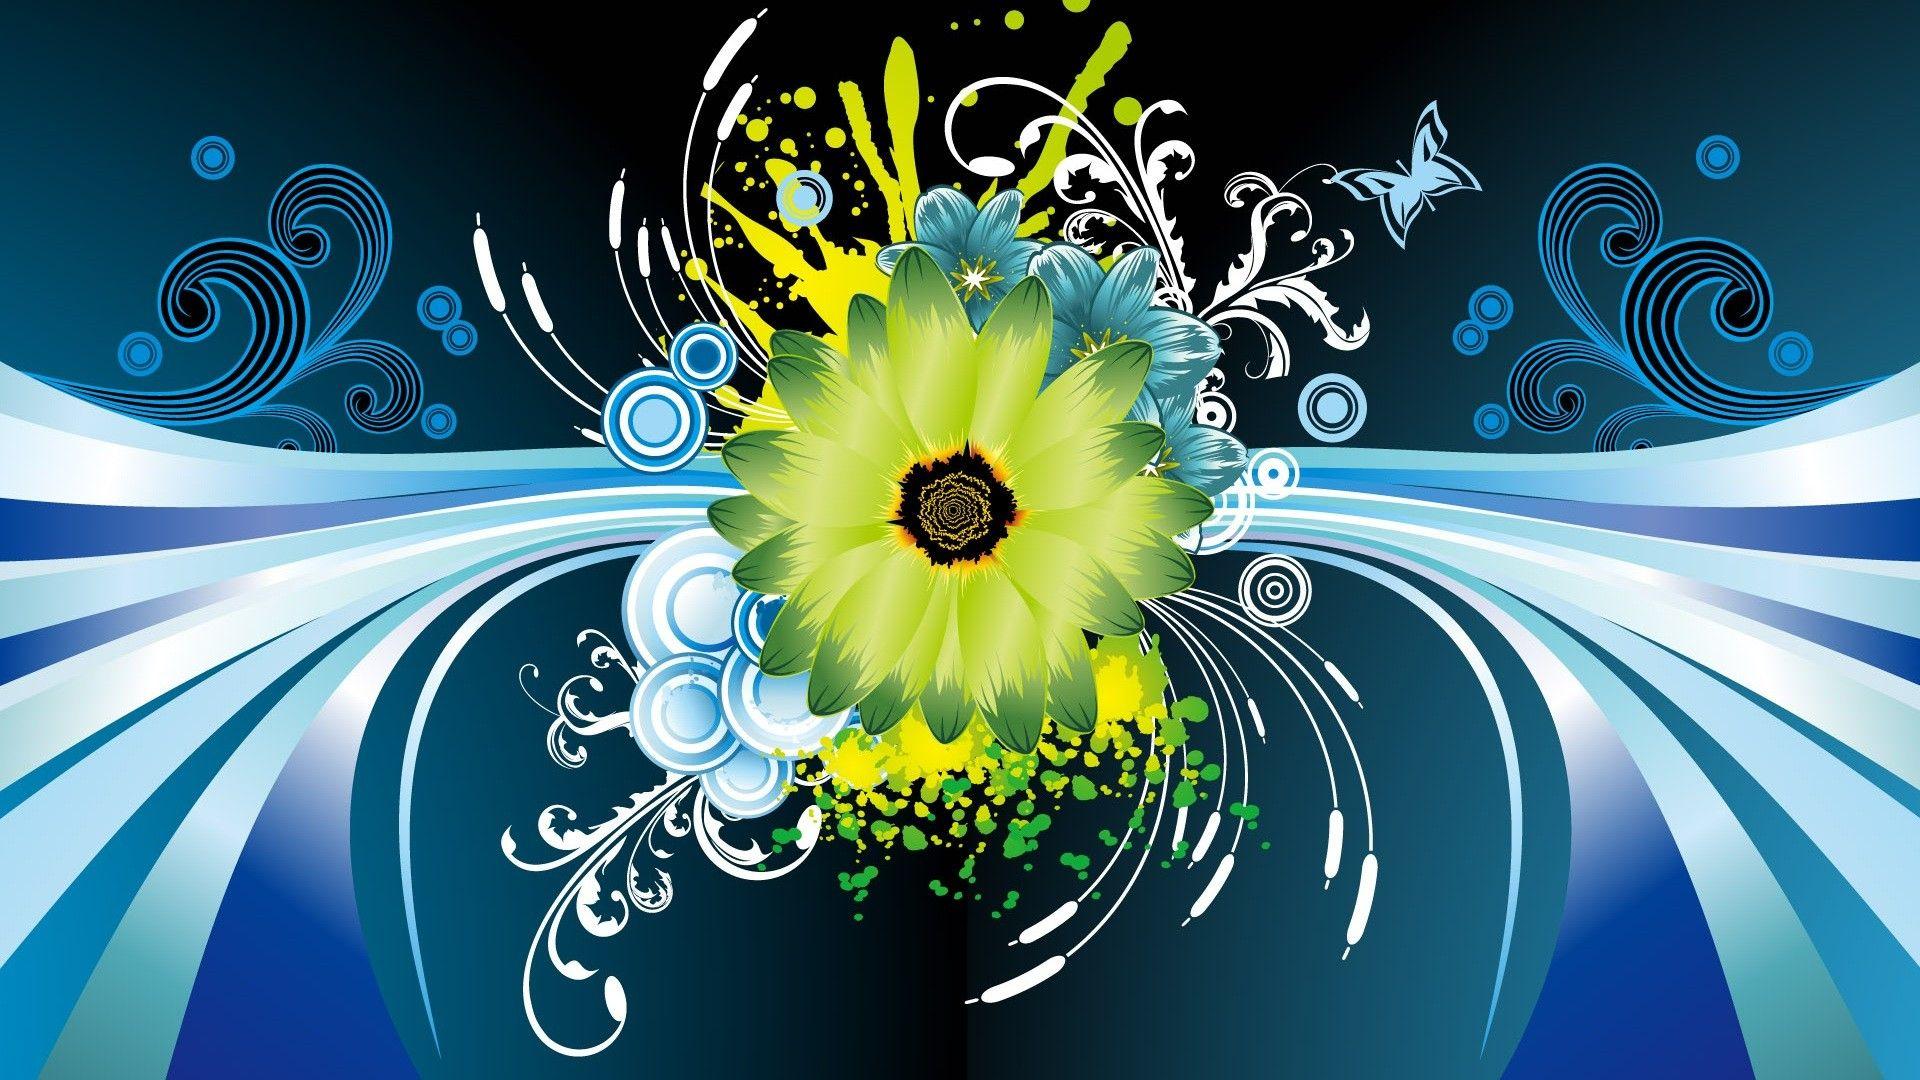 Flower Vector Design HD Wallpaper